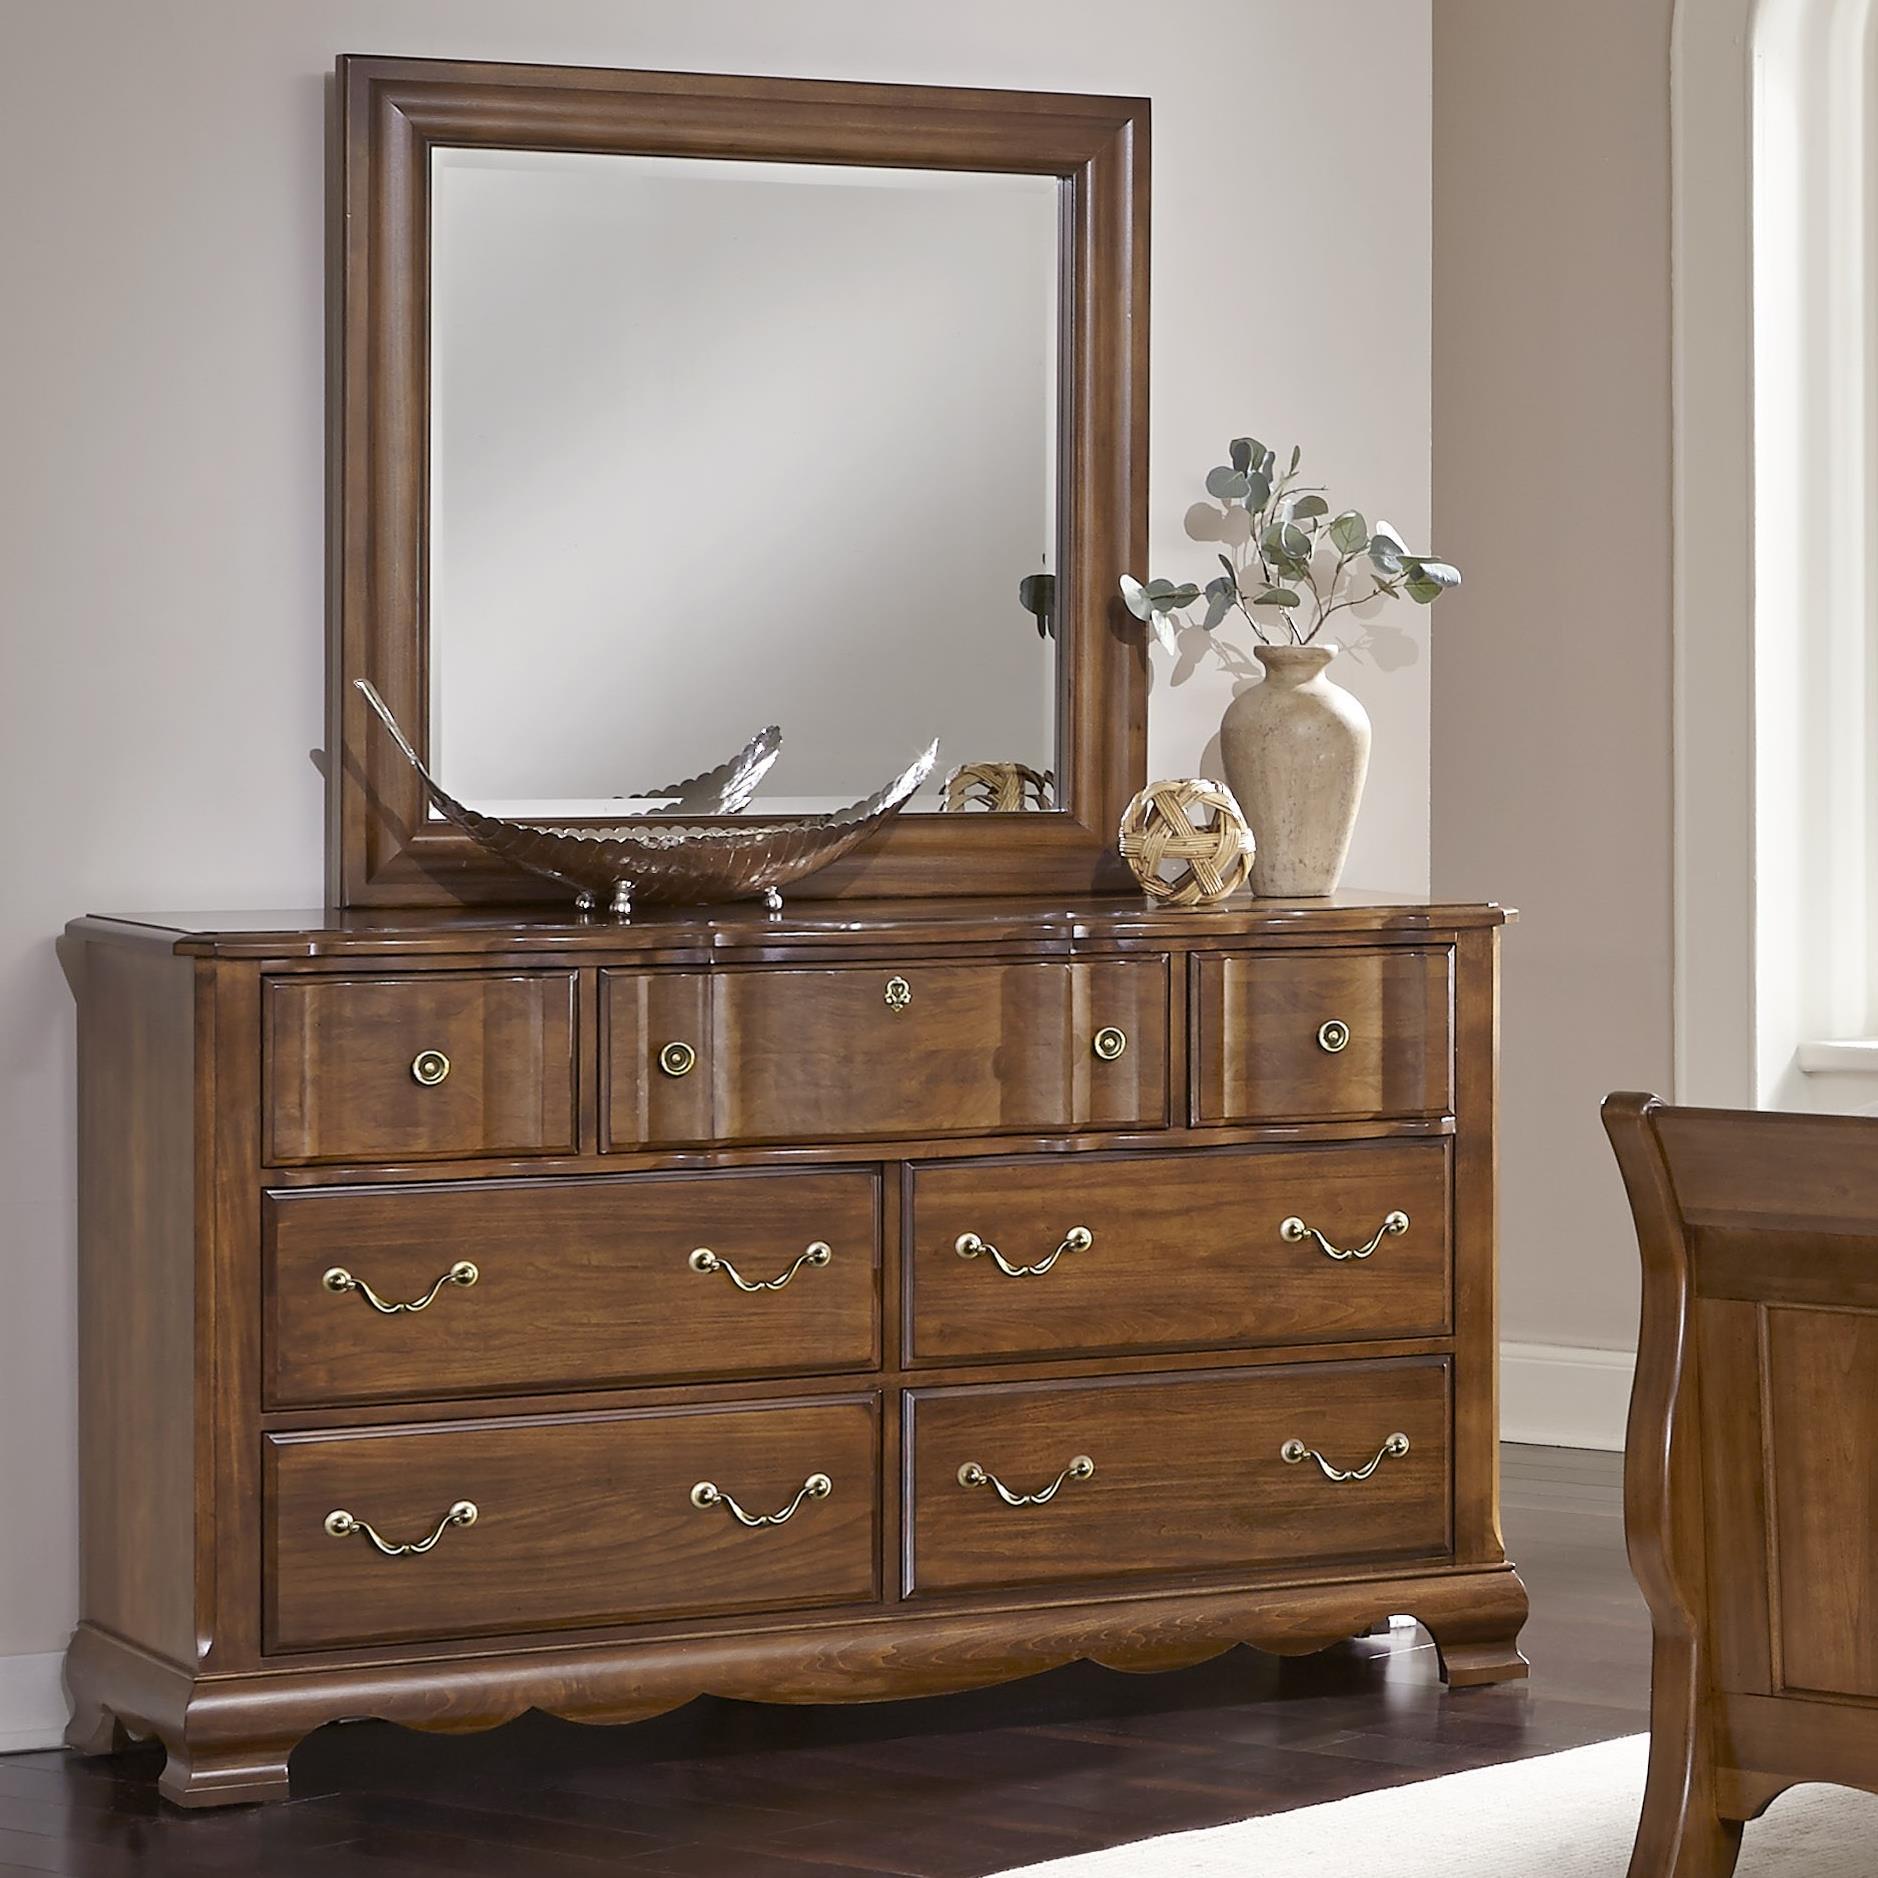 Vaughan Bassett Villa Sophia Dresser & Landscape Mirror - Item Number: 522-002+446